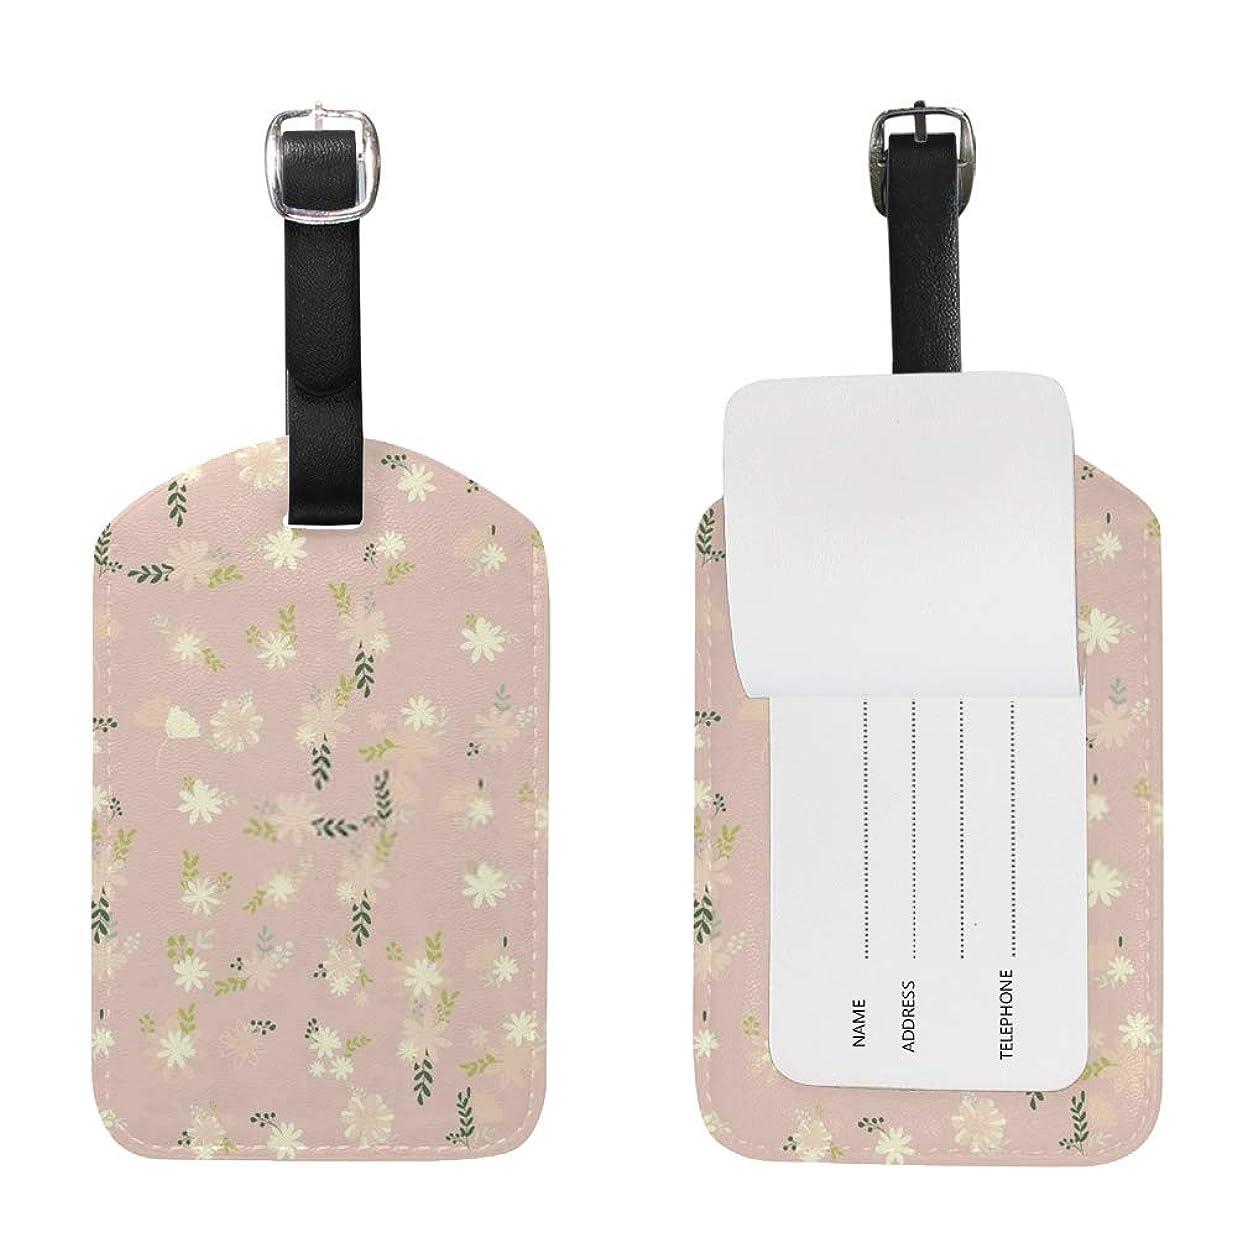 ケントアルバム乳製品ZHONGJI タグ かわいいスーツケースタグ ネームタグ 荷物タグ ?花の背景 旅行用品 2枚入り